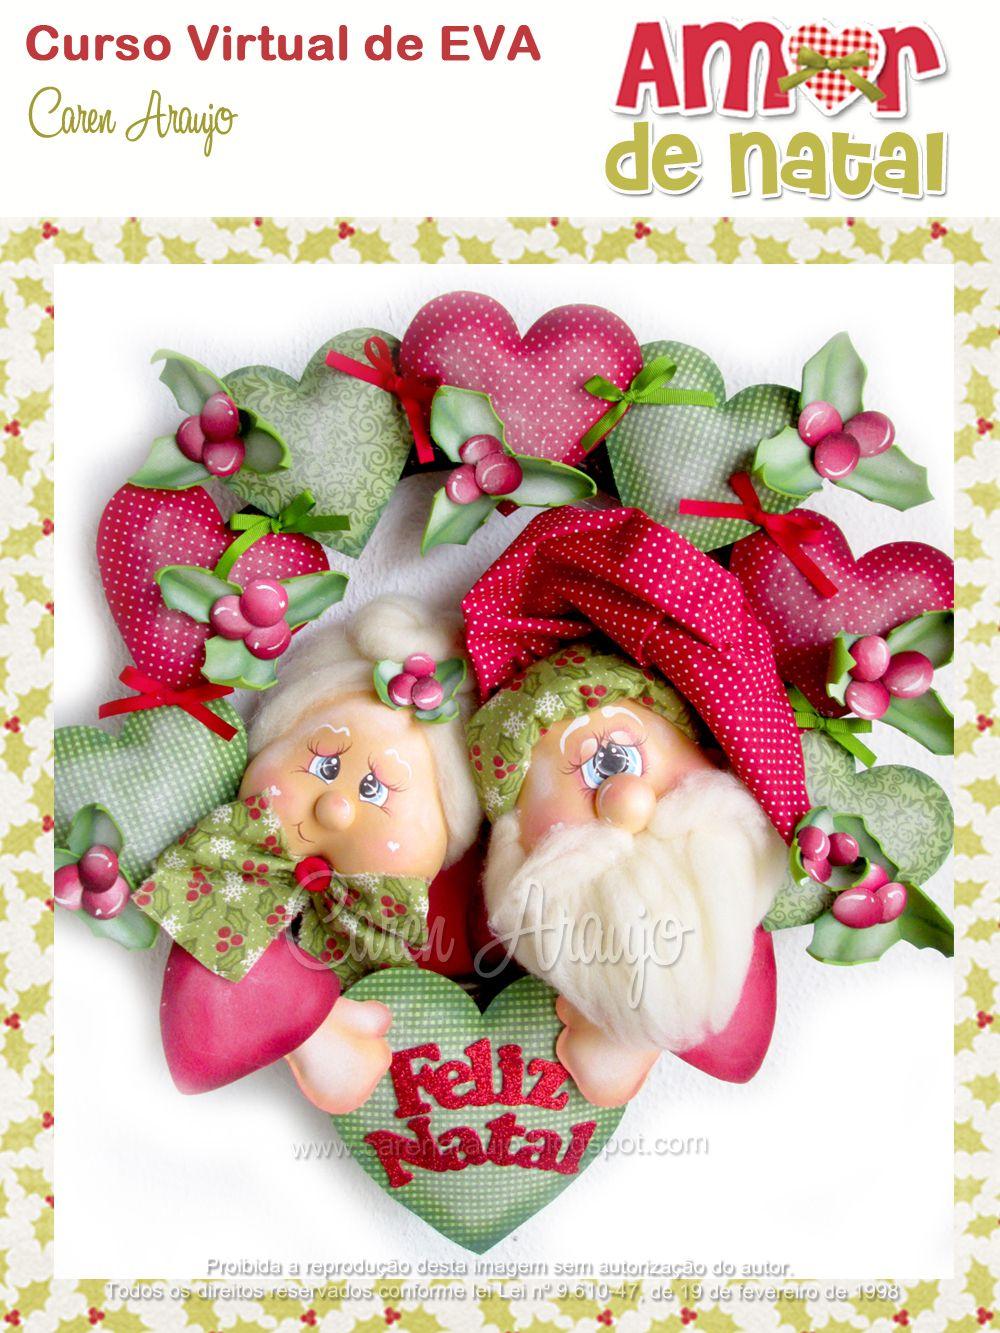 Corona de navidad de santa y mama noel de caren araujo - Coronas de navidad ...